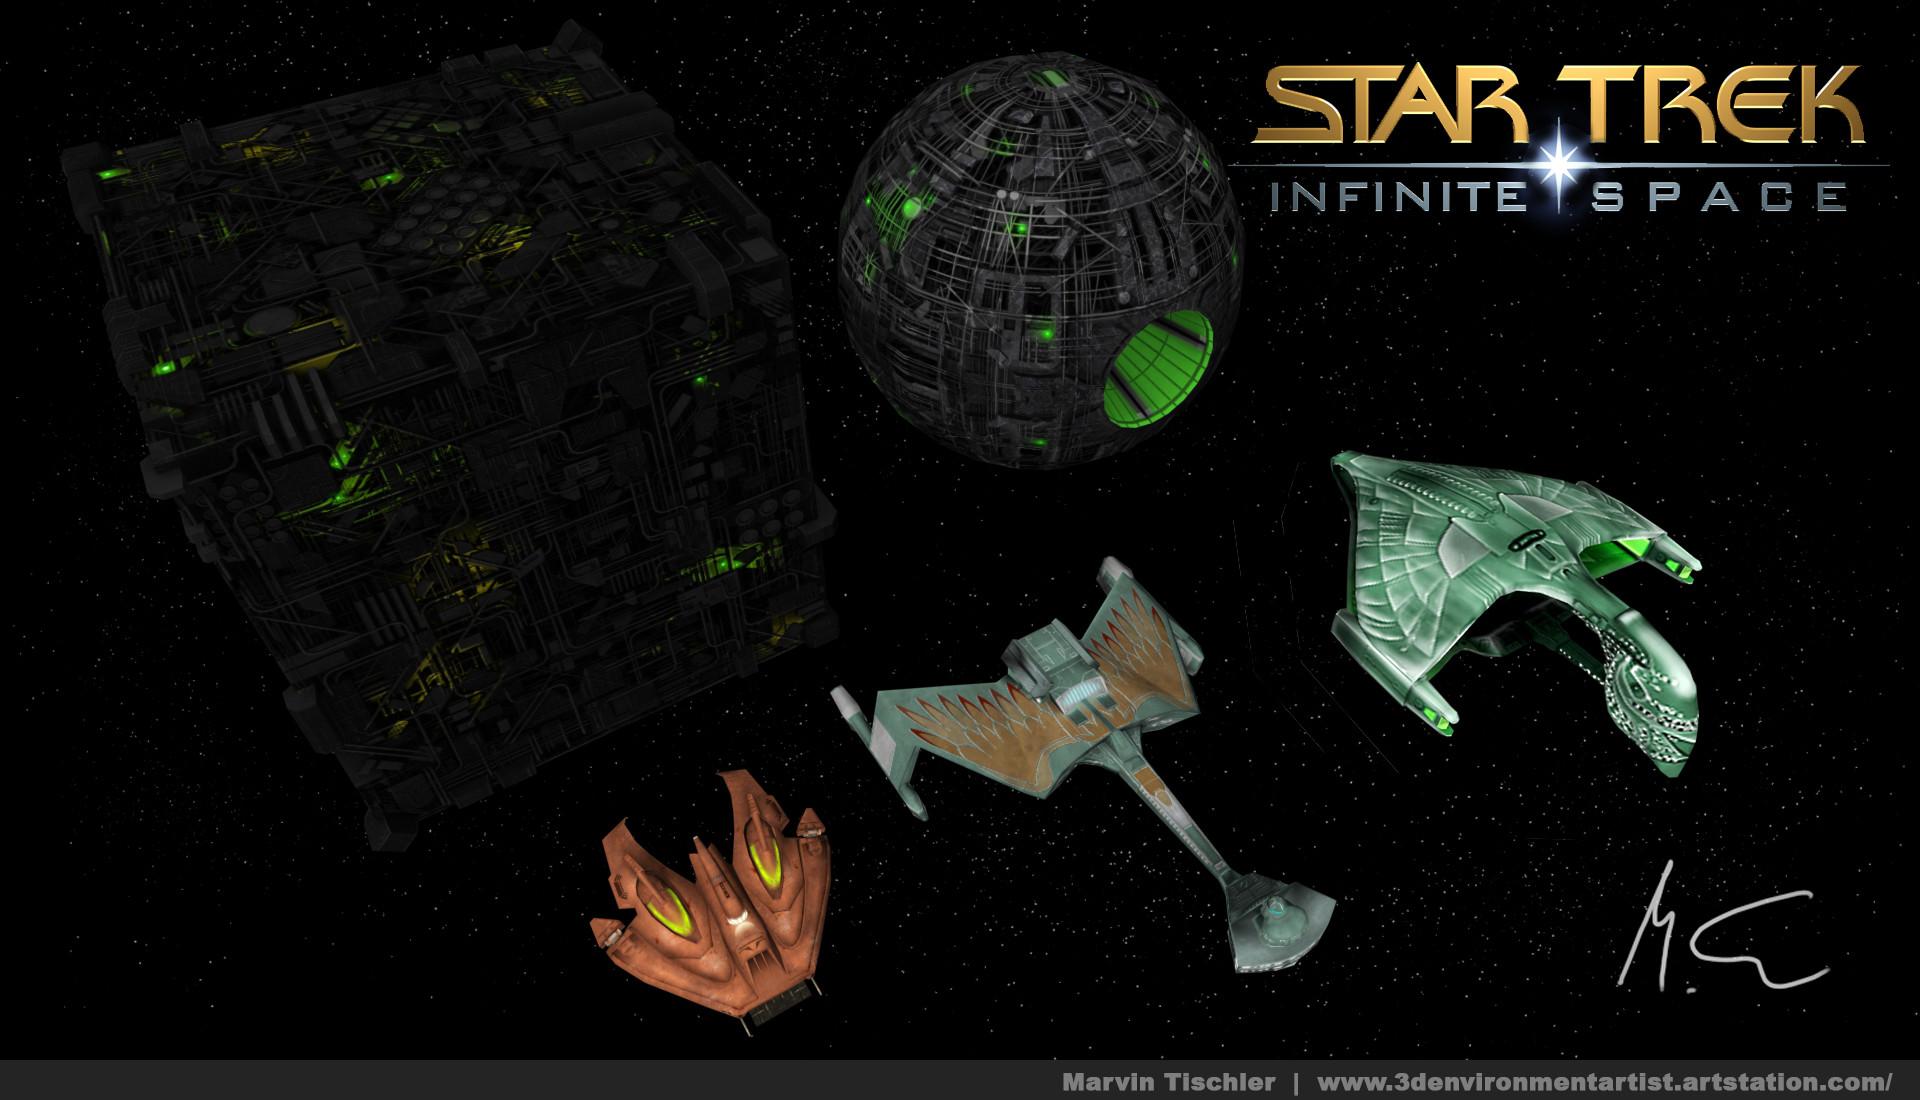 Marvin tischler startrek infinitespace 001 e